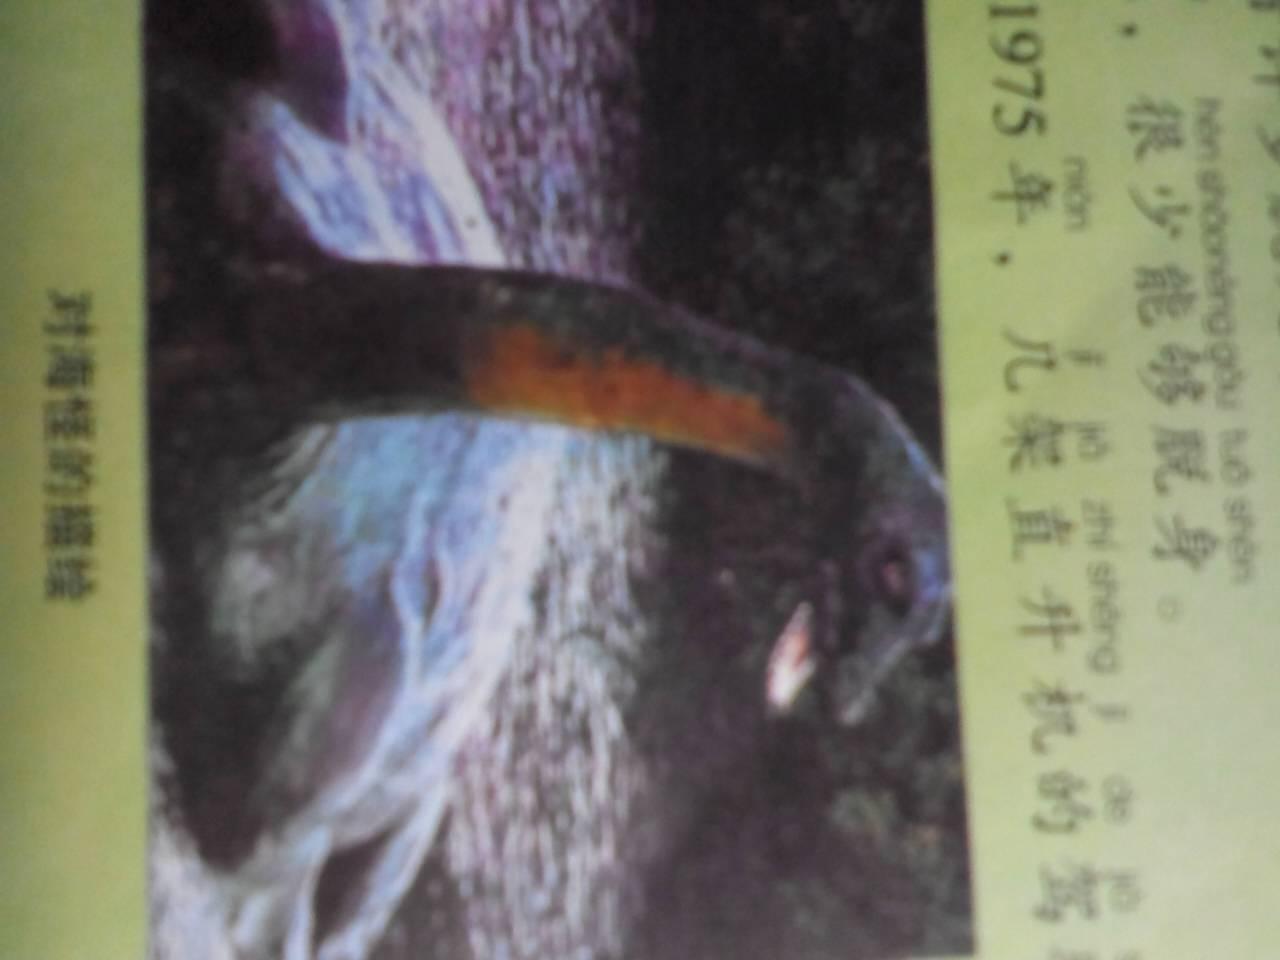 世界上有没有美人鱼 高清图片